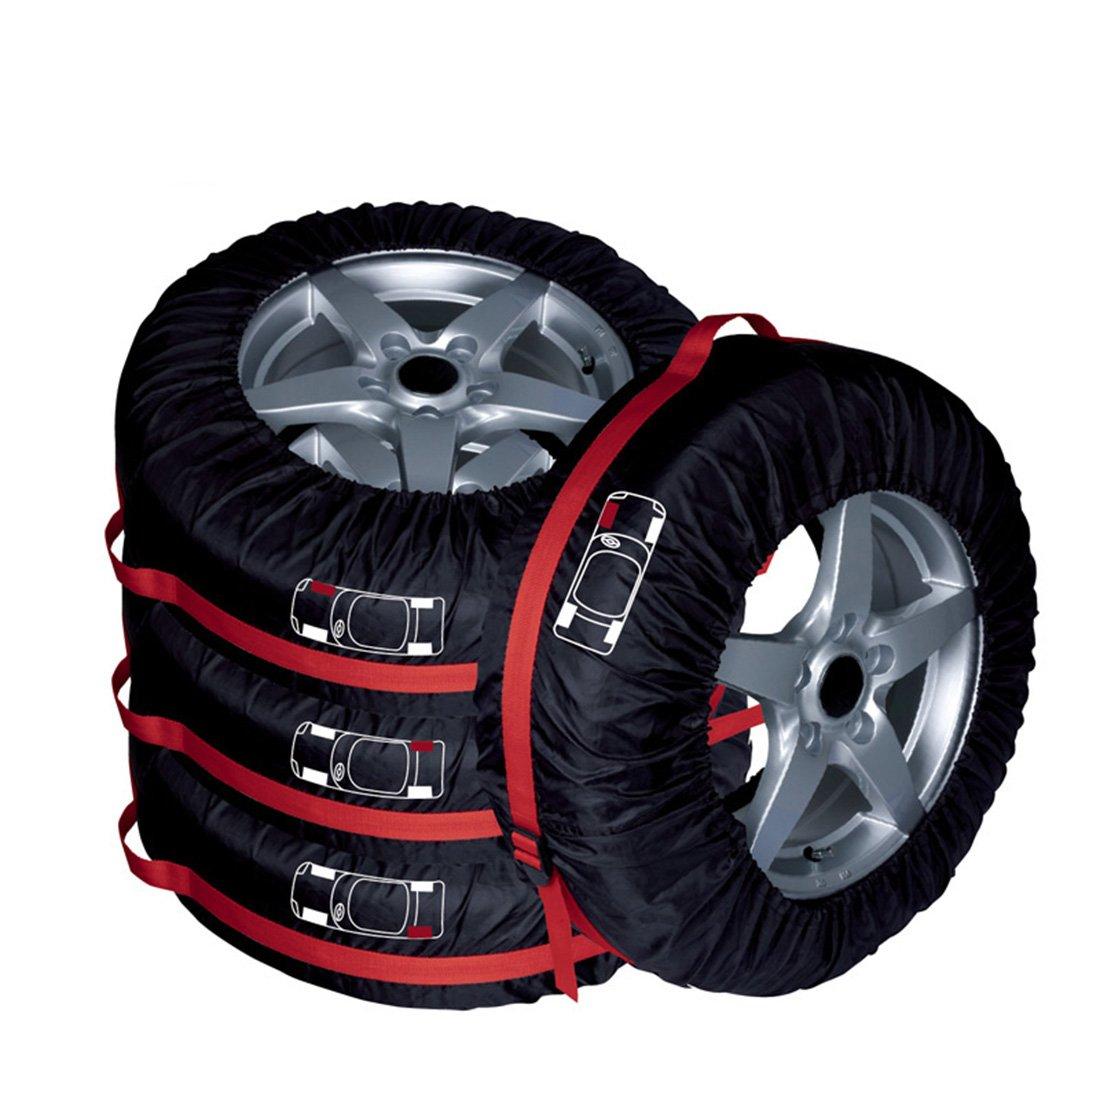 Premium Fundas para Neum/áticos de Ruedas Recambio Cubierta Alta Calidad Caso Protector Bolsas de Almacenaje Neum/áticos Grande Spare Tire Cover 80cm de Di/ámetro